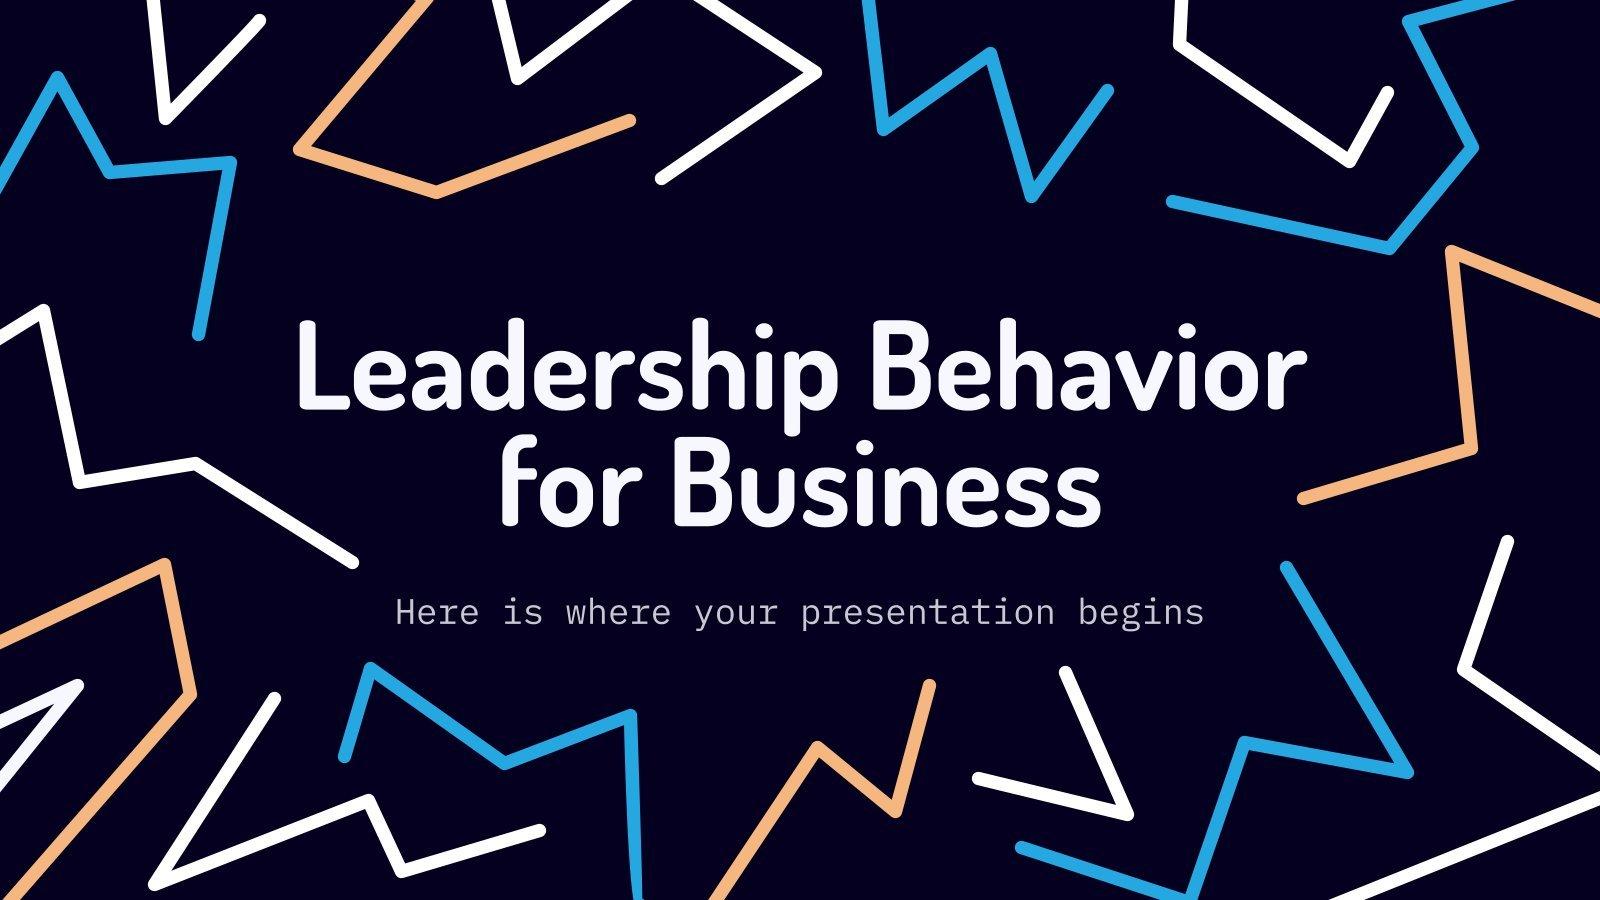 Comportement de leadership : Modèles de présentation